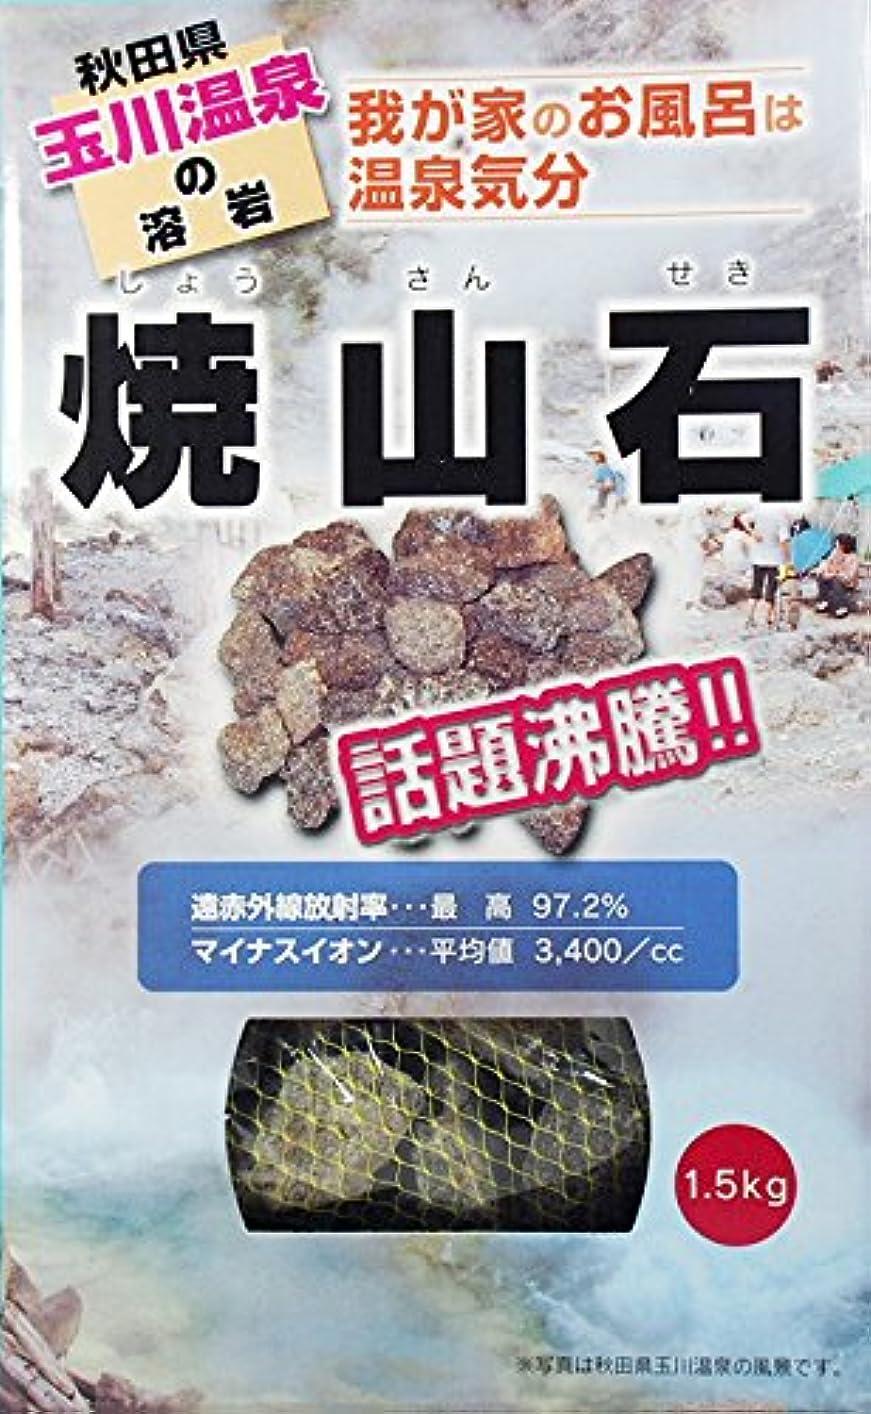 不条理まさに素人【秋田玉川温泉湧出の核】焼山石1.5kg【お風呂でポカポカに】